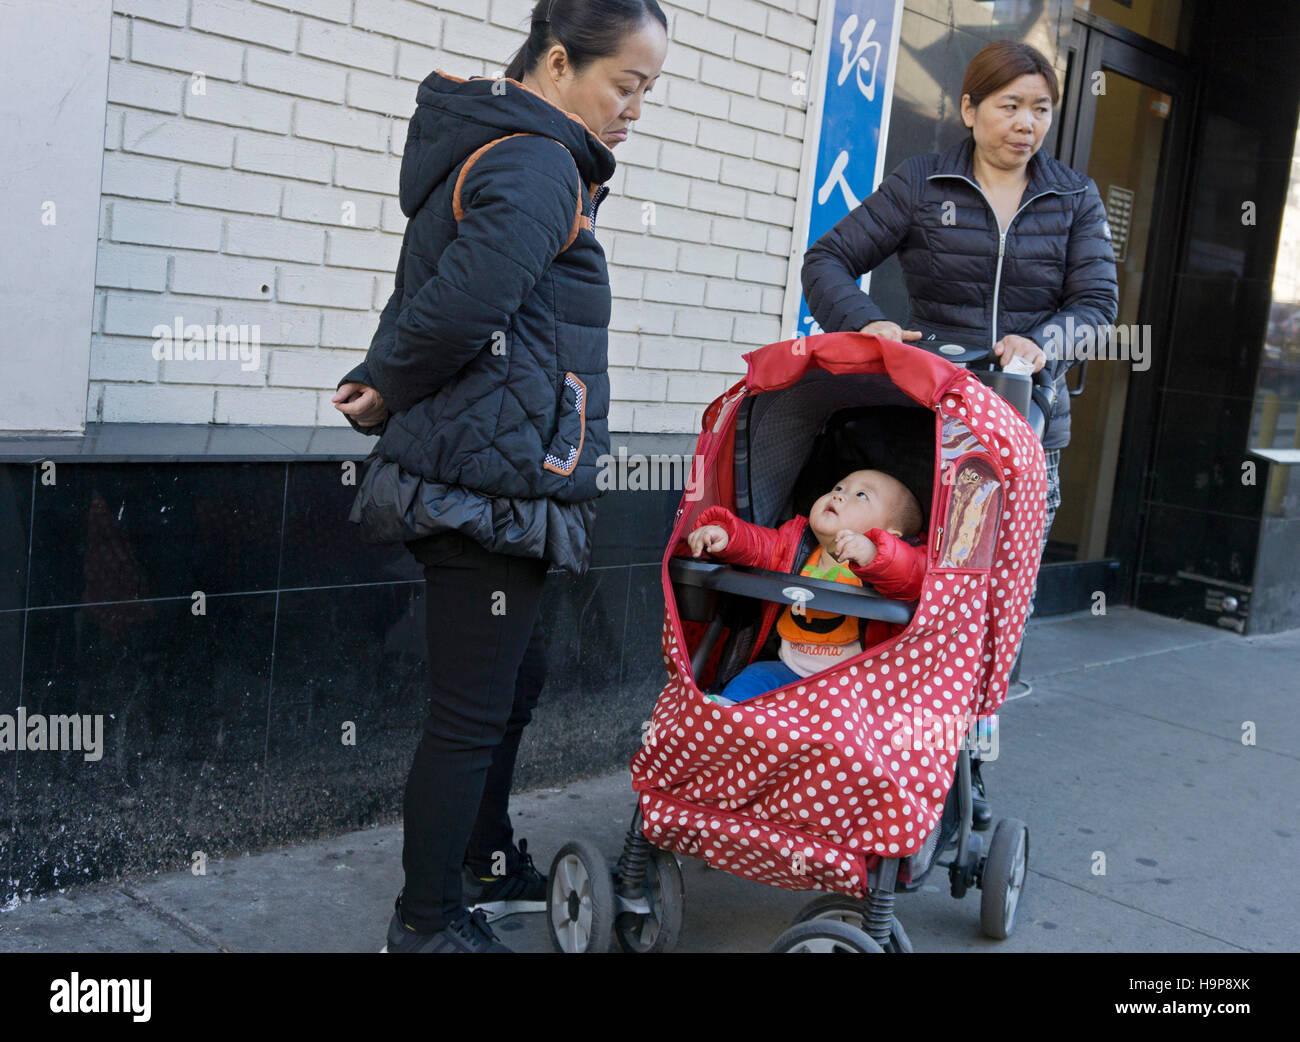 Zwei asiatische Frauen und ein Kind ansprechbar vom Main Street in Chinatown, Downtown Flushing, Queens, New York Stockfoto